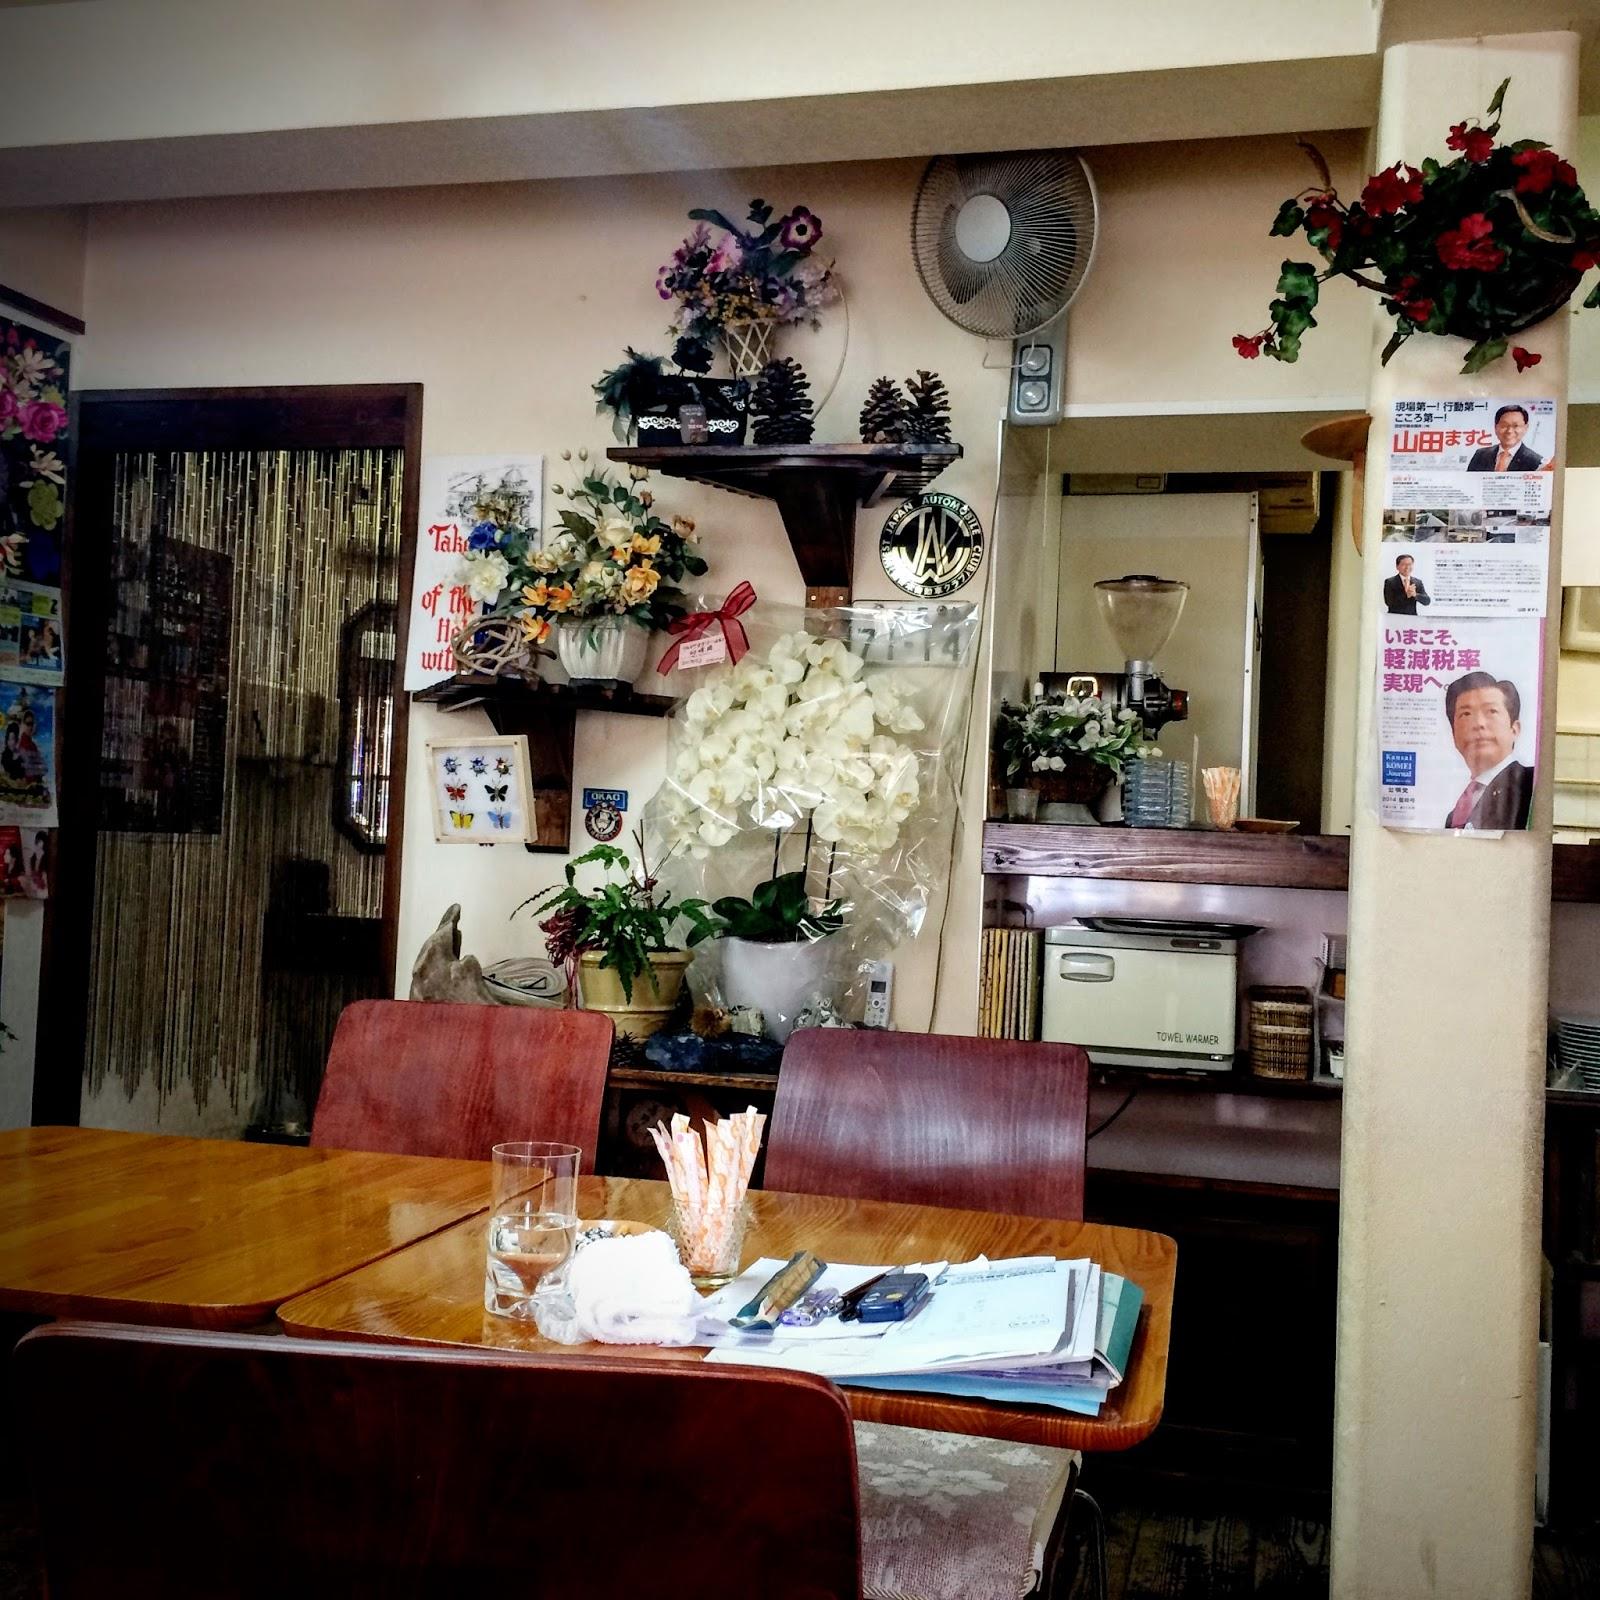 苦楽園の花カフェ(cafe)の店内